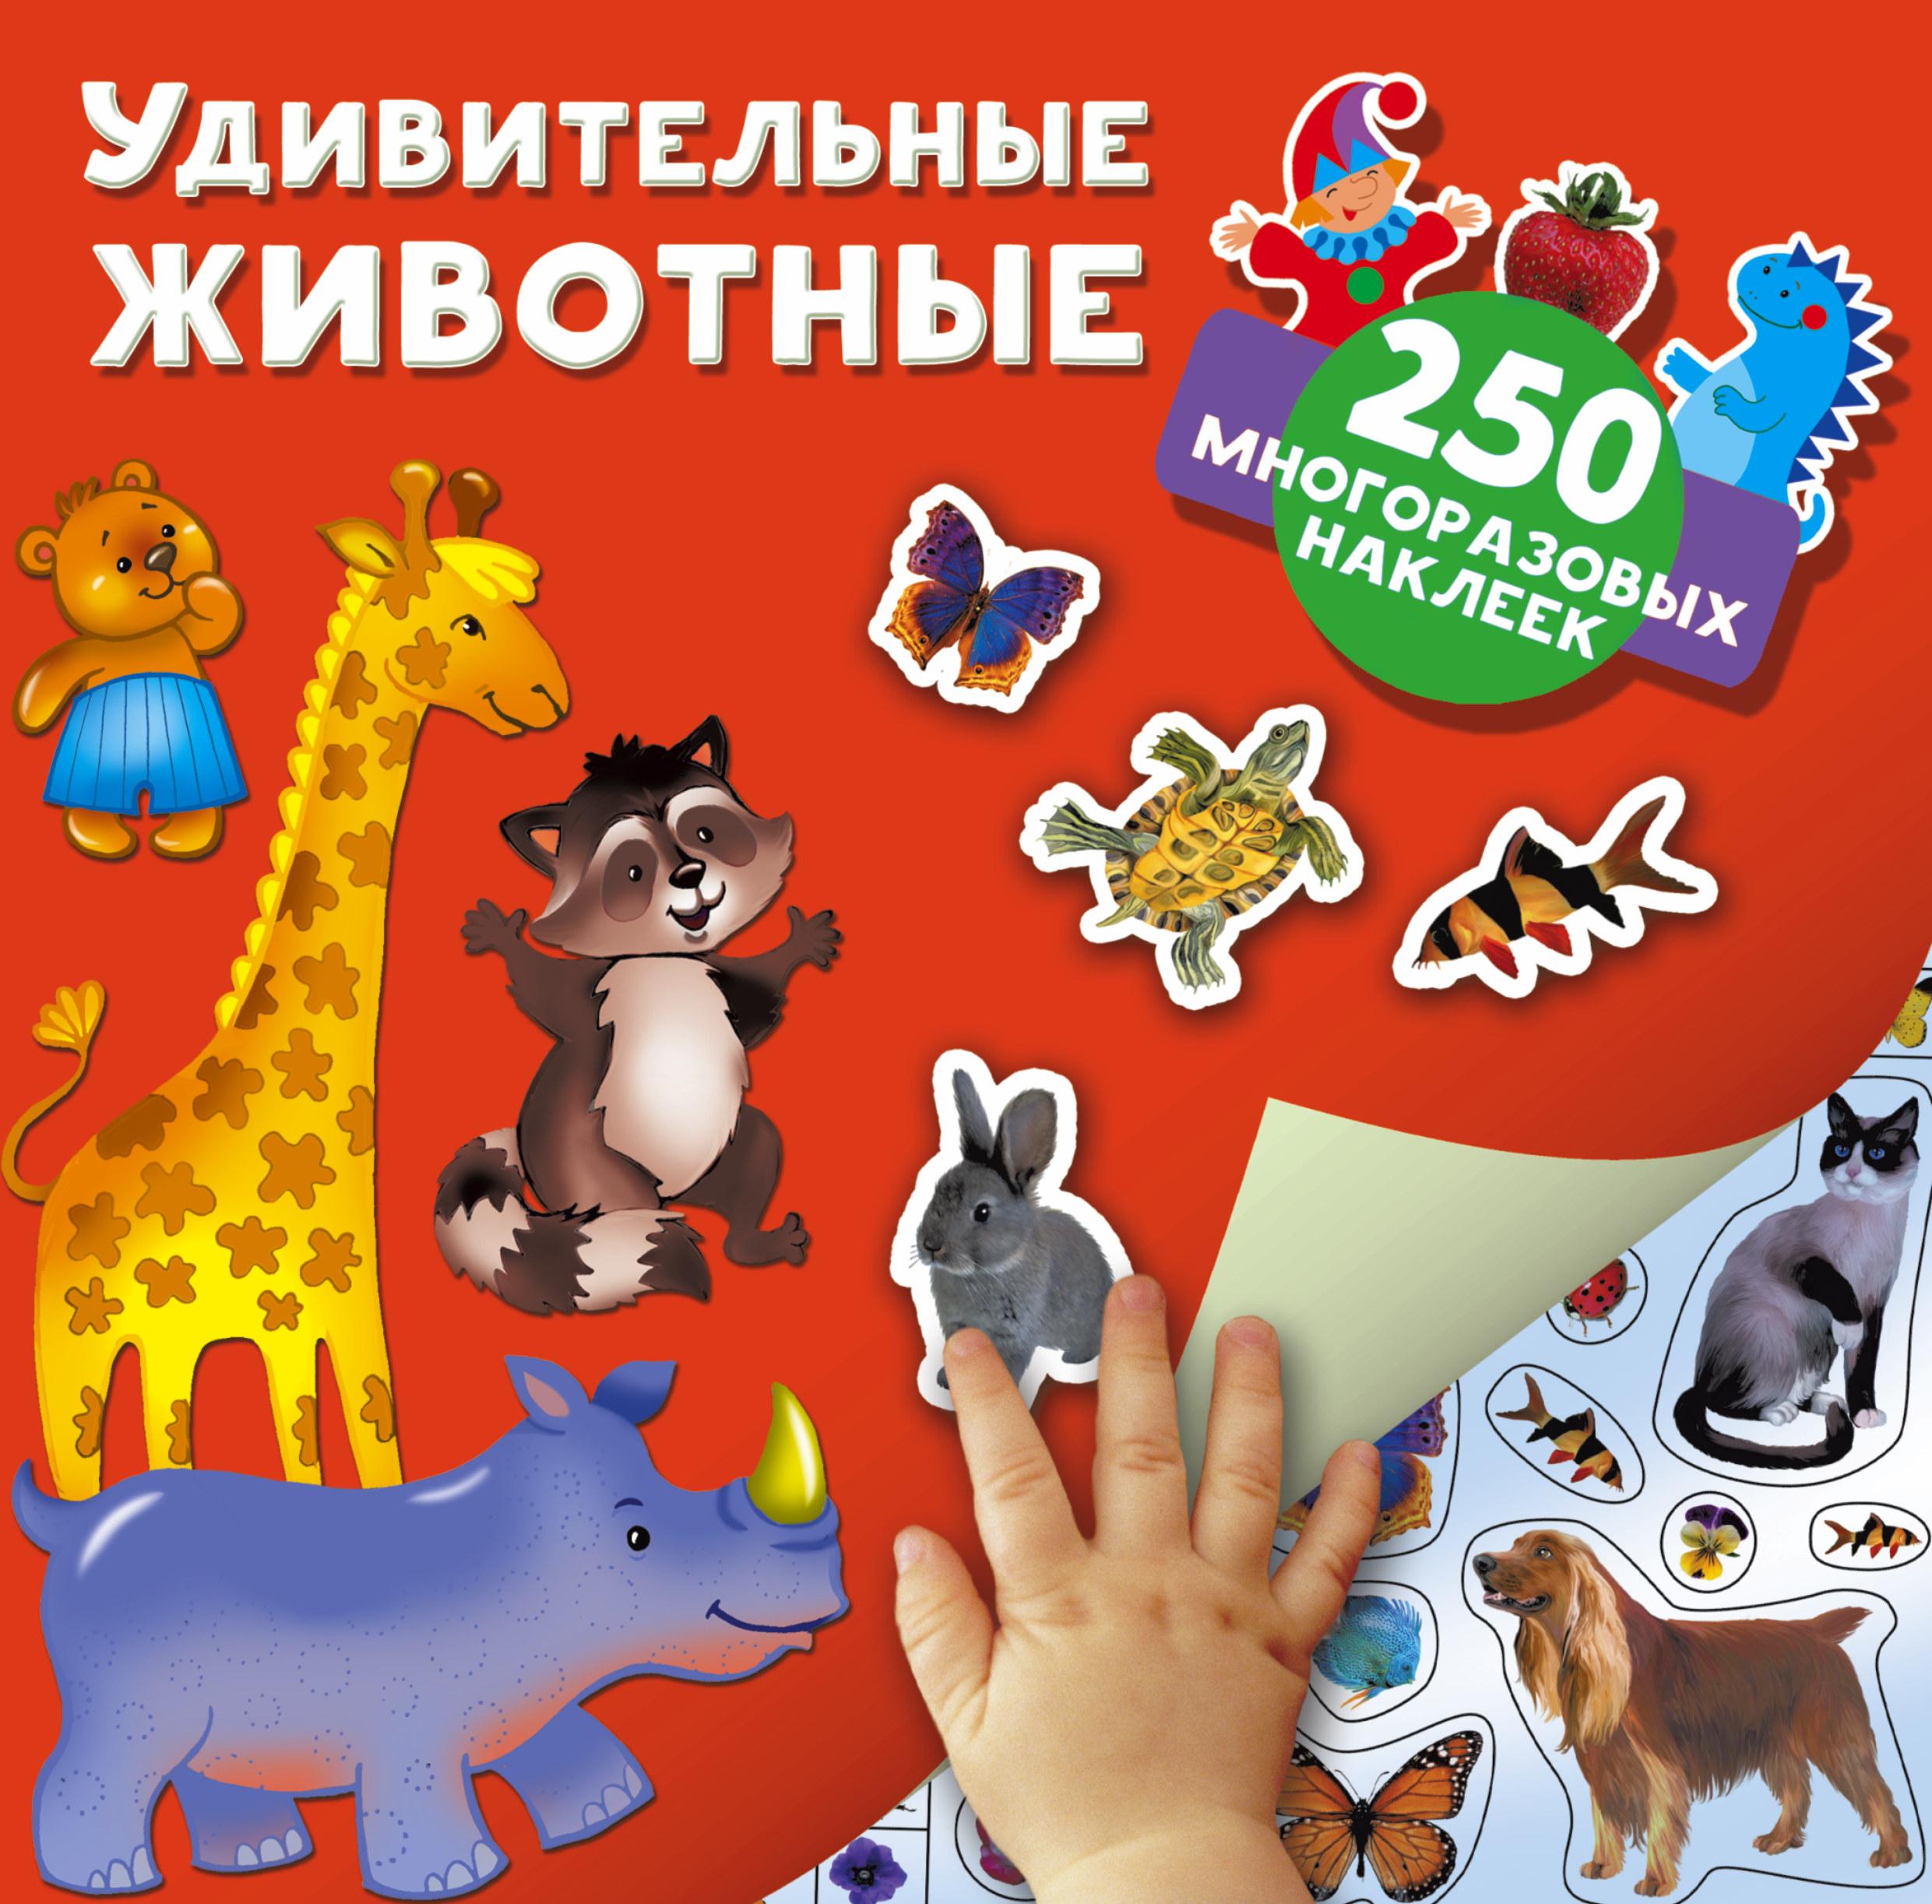 Валентина Геннадьевна Дмитриева Удивительные животные дмитриева в животные 250 многоразовых наклеек